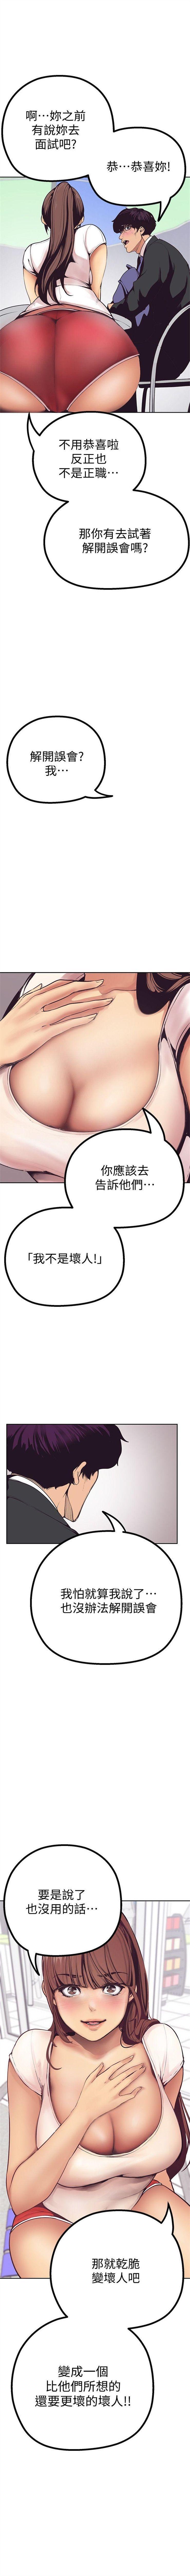 (周6)美丽新世界 1-61 中文翻译 (更新中) 31